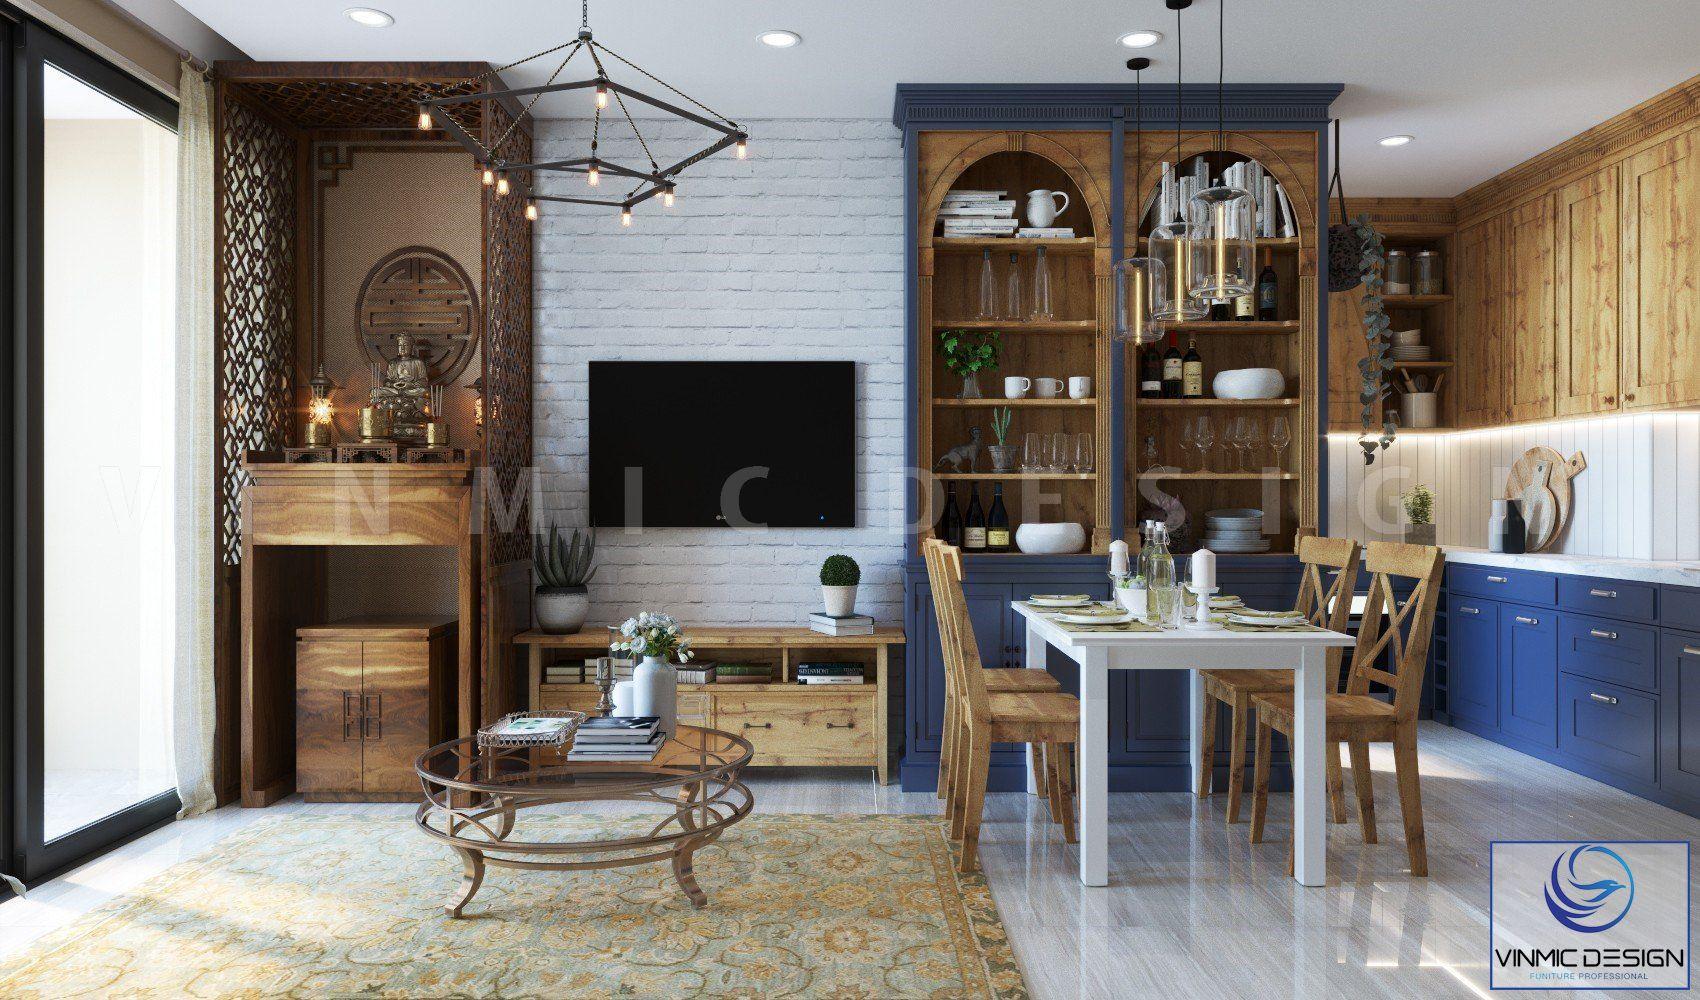 Phòng khách kết hợp với phòng bếp để tối ưu diện tích và công năng sử dụng